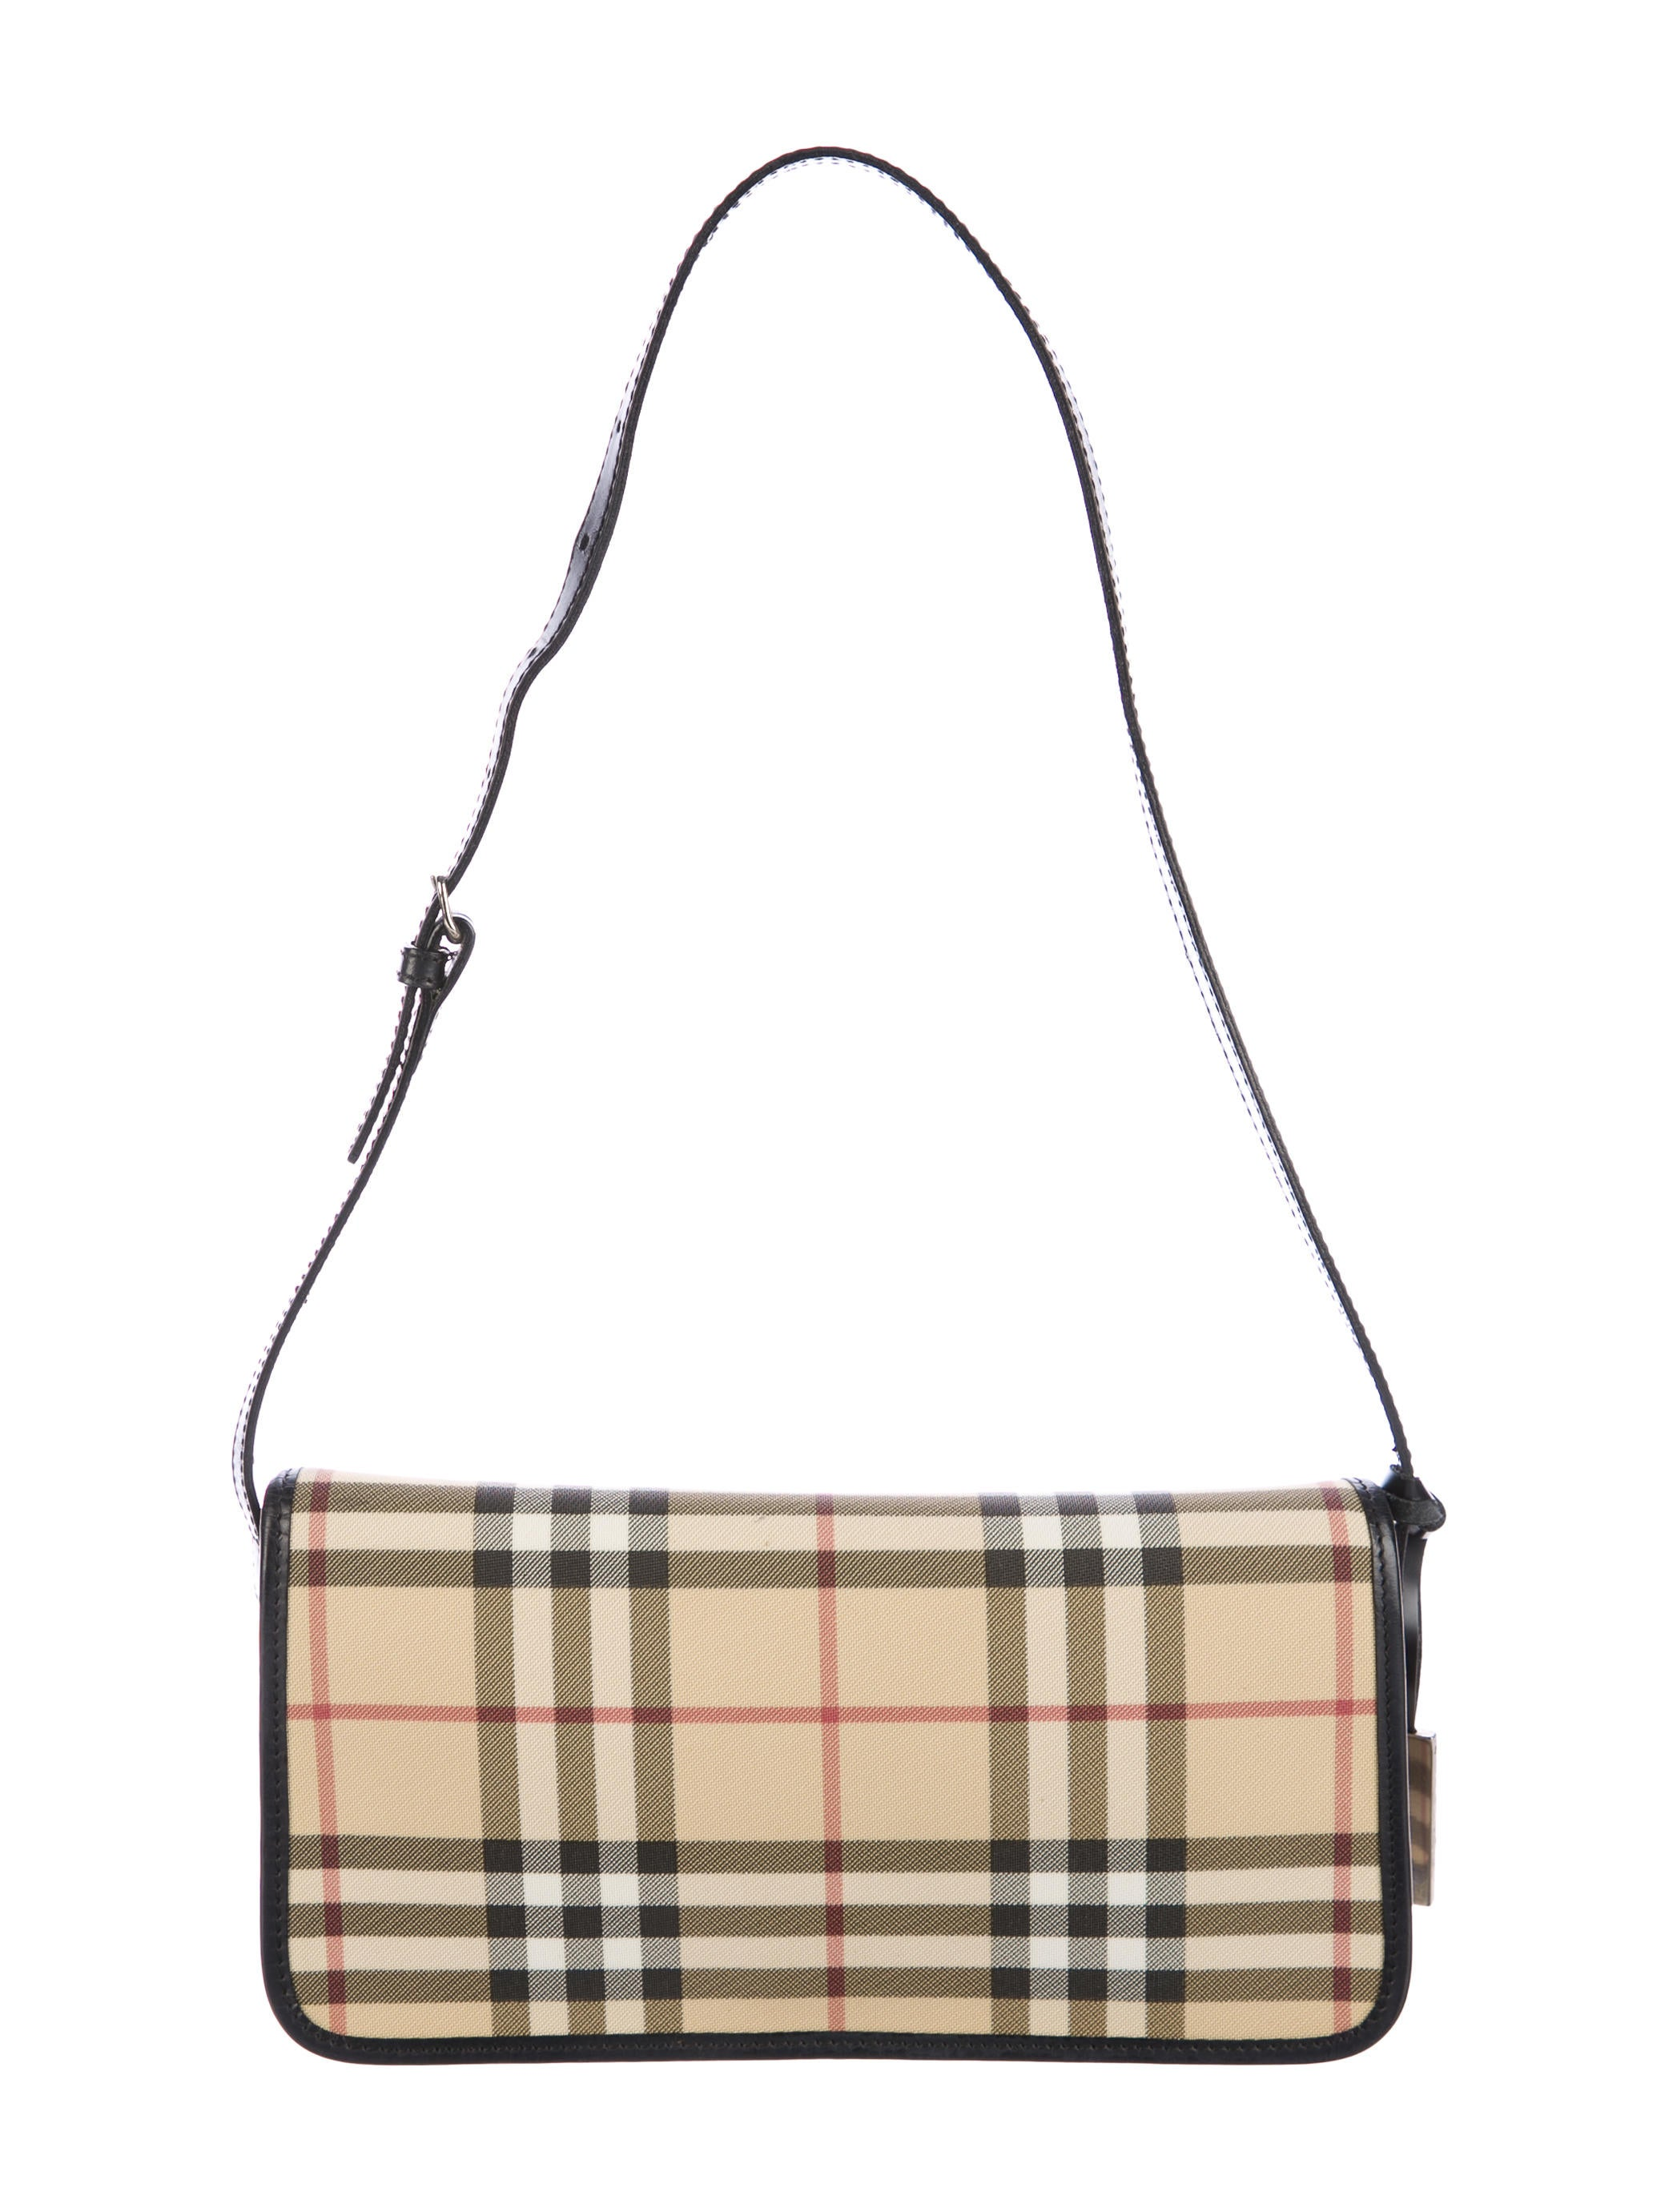 b148d1bb0d8 Burberry Small Nova Check Shoulder Bag - Handbags - BUR84420 | The ...